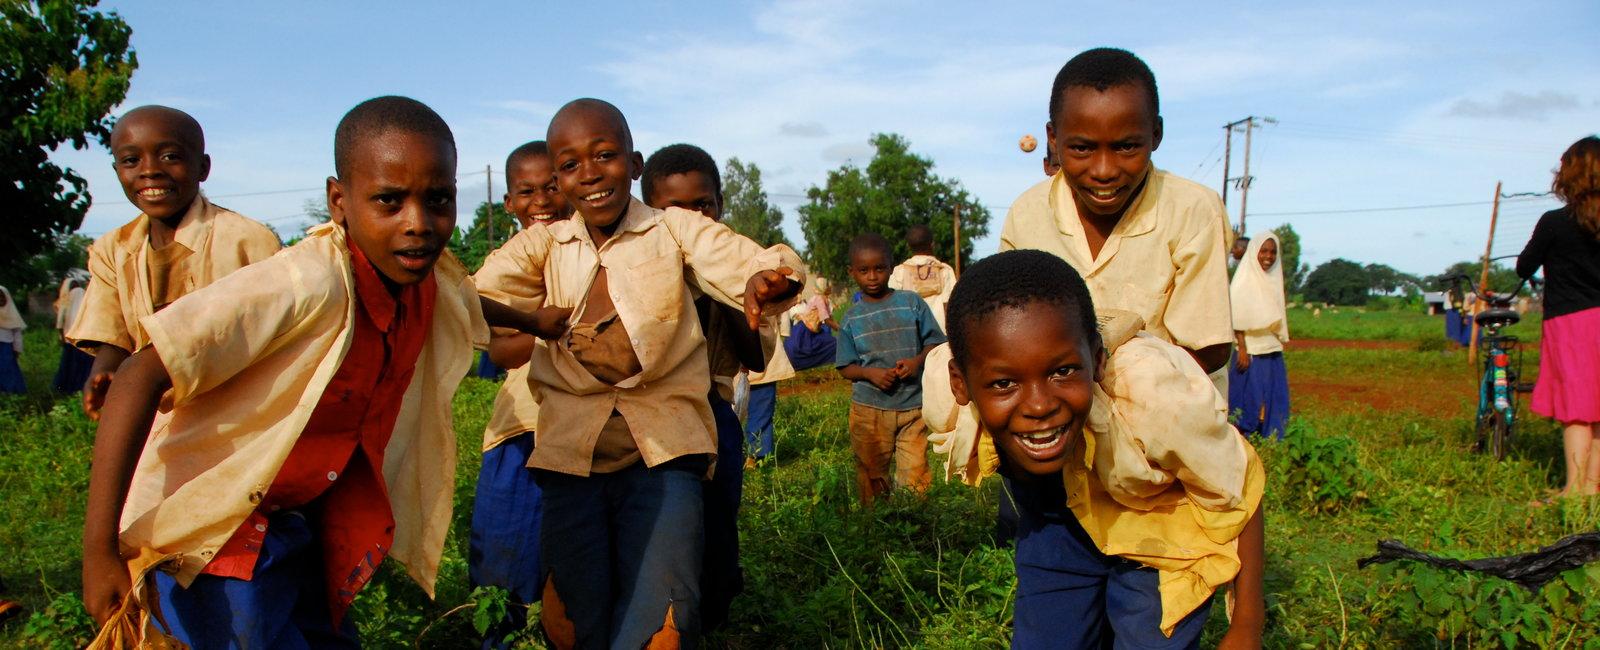 Jade Slipper - Radiography Electives in Tanzania Dar es Salaam